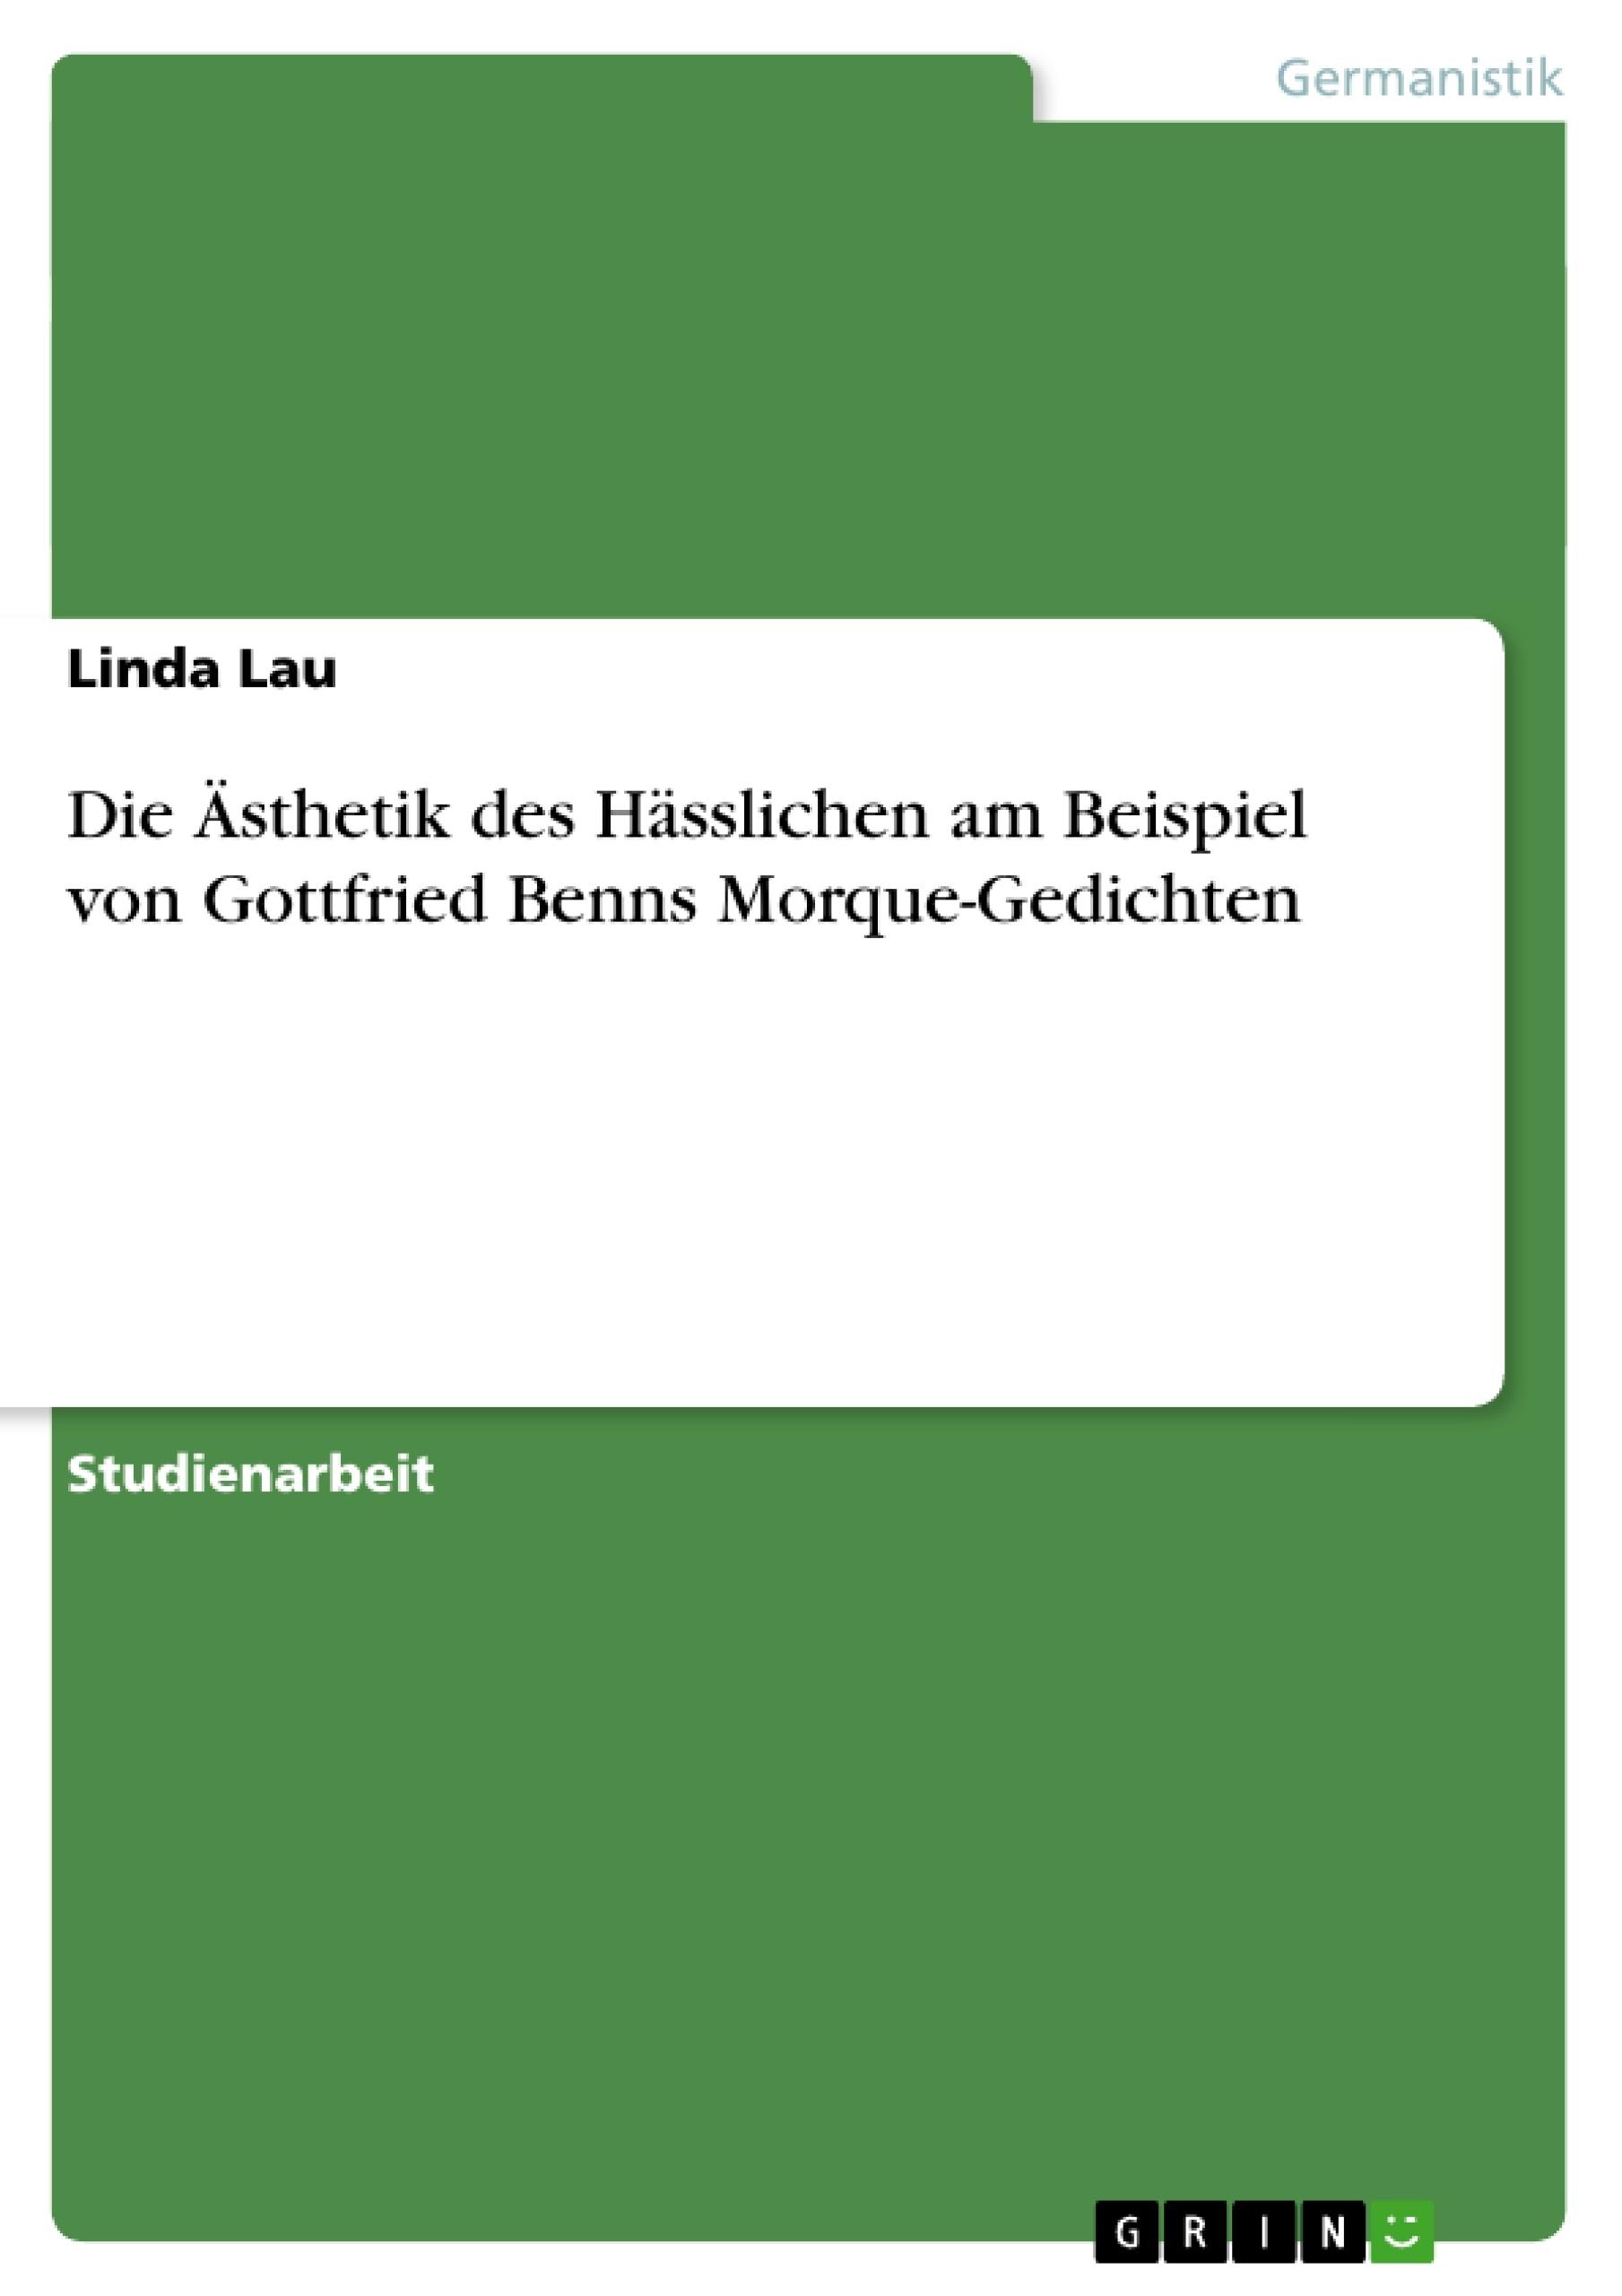 Titel: Die Ästhetik des Hässlichen am Beispiel von Gottfried Benns Morque-Gedichten